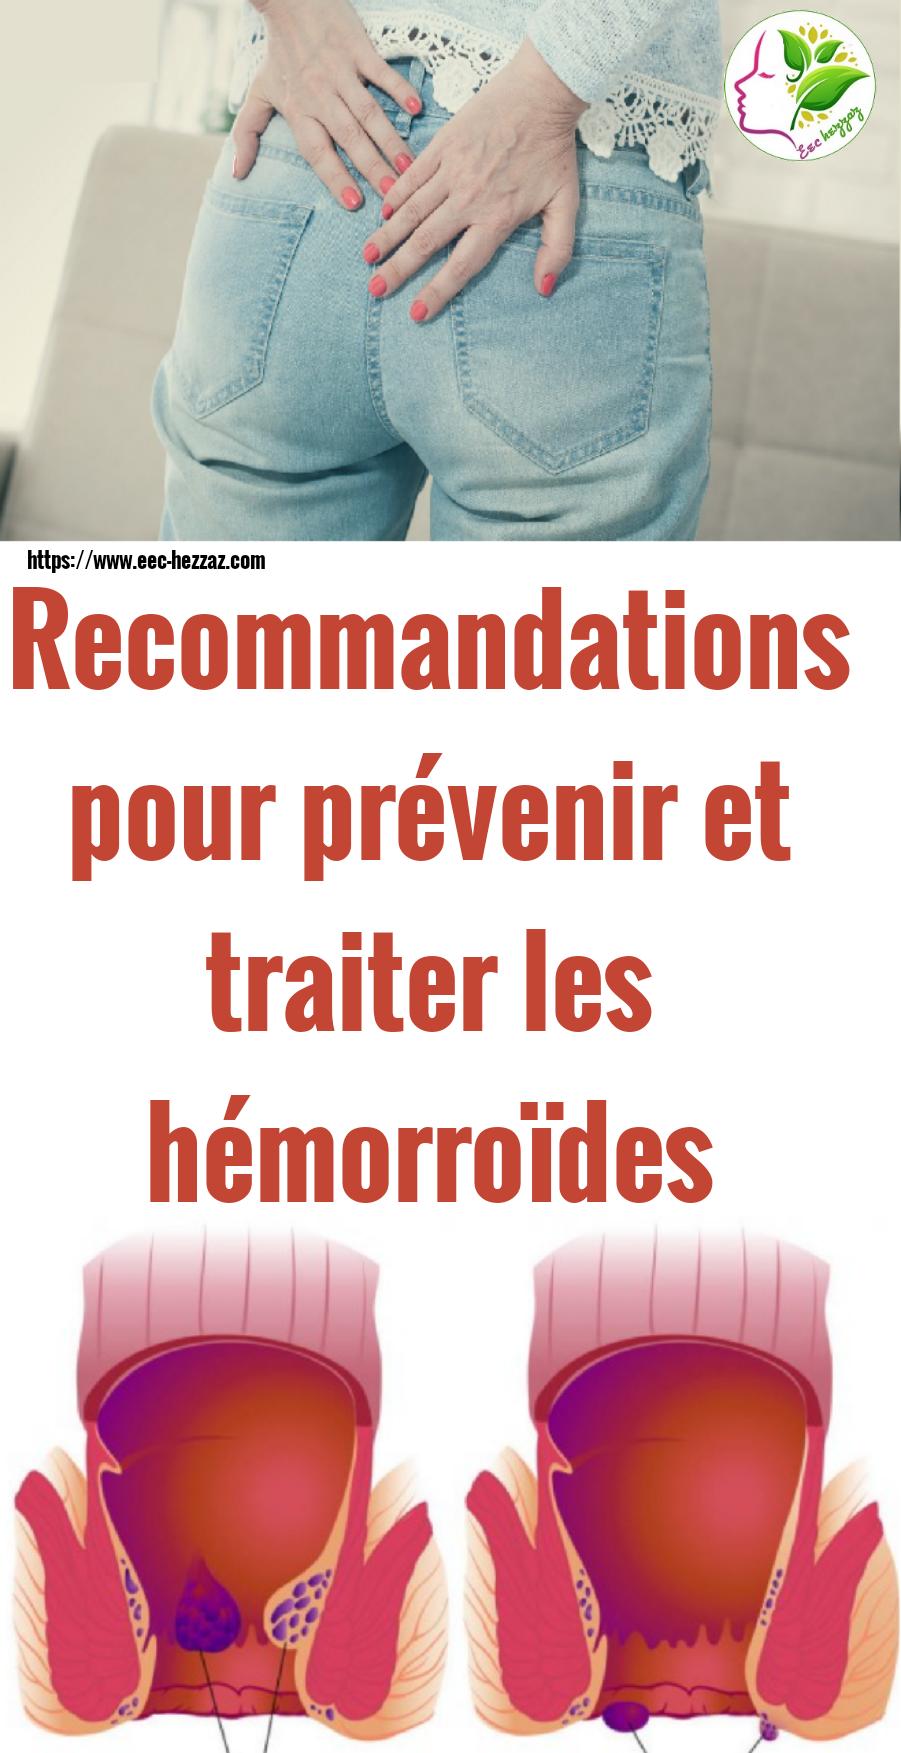 Recommandations pour prévenir et traiter les hémorroïdes